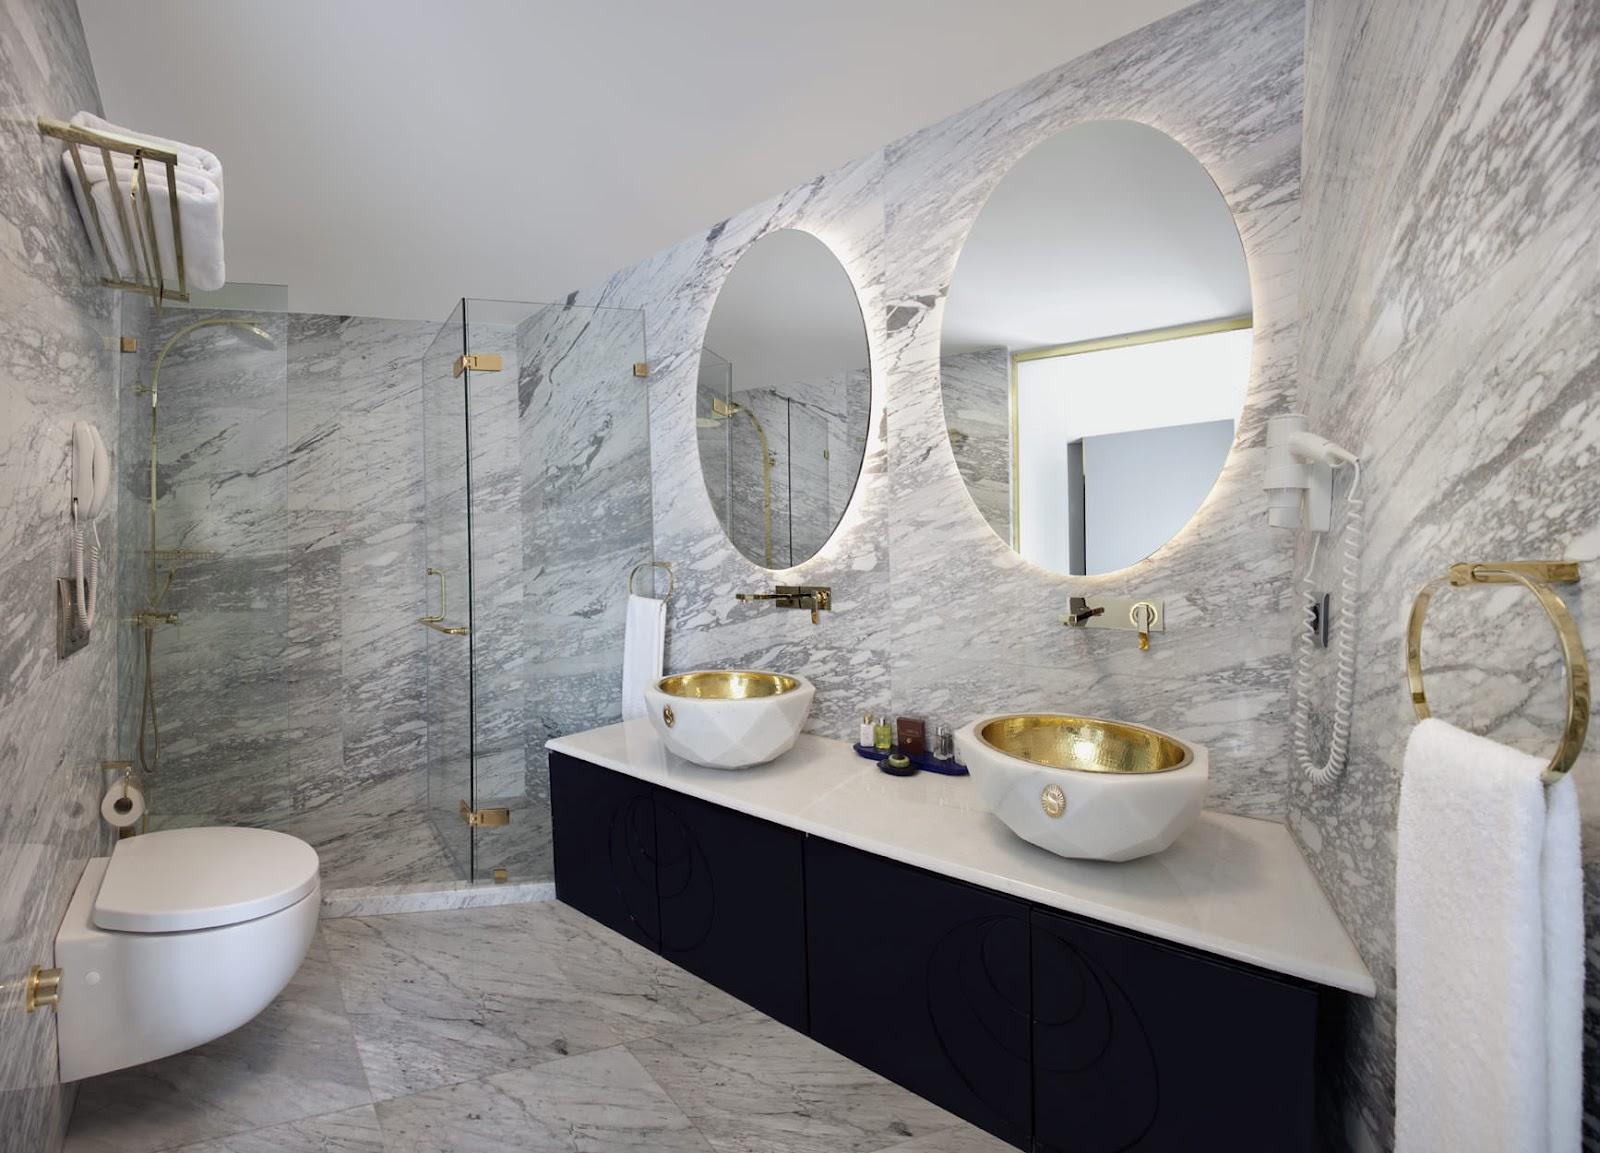 Decore com Gigi: BANHEIROS e LAVABOS: Parte 1 #6D624A 1600x1153 Banheiro Compartilhado Em Hotel